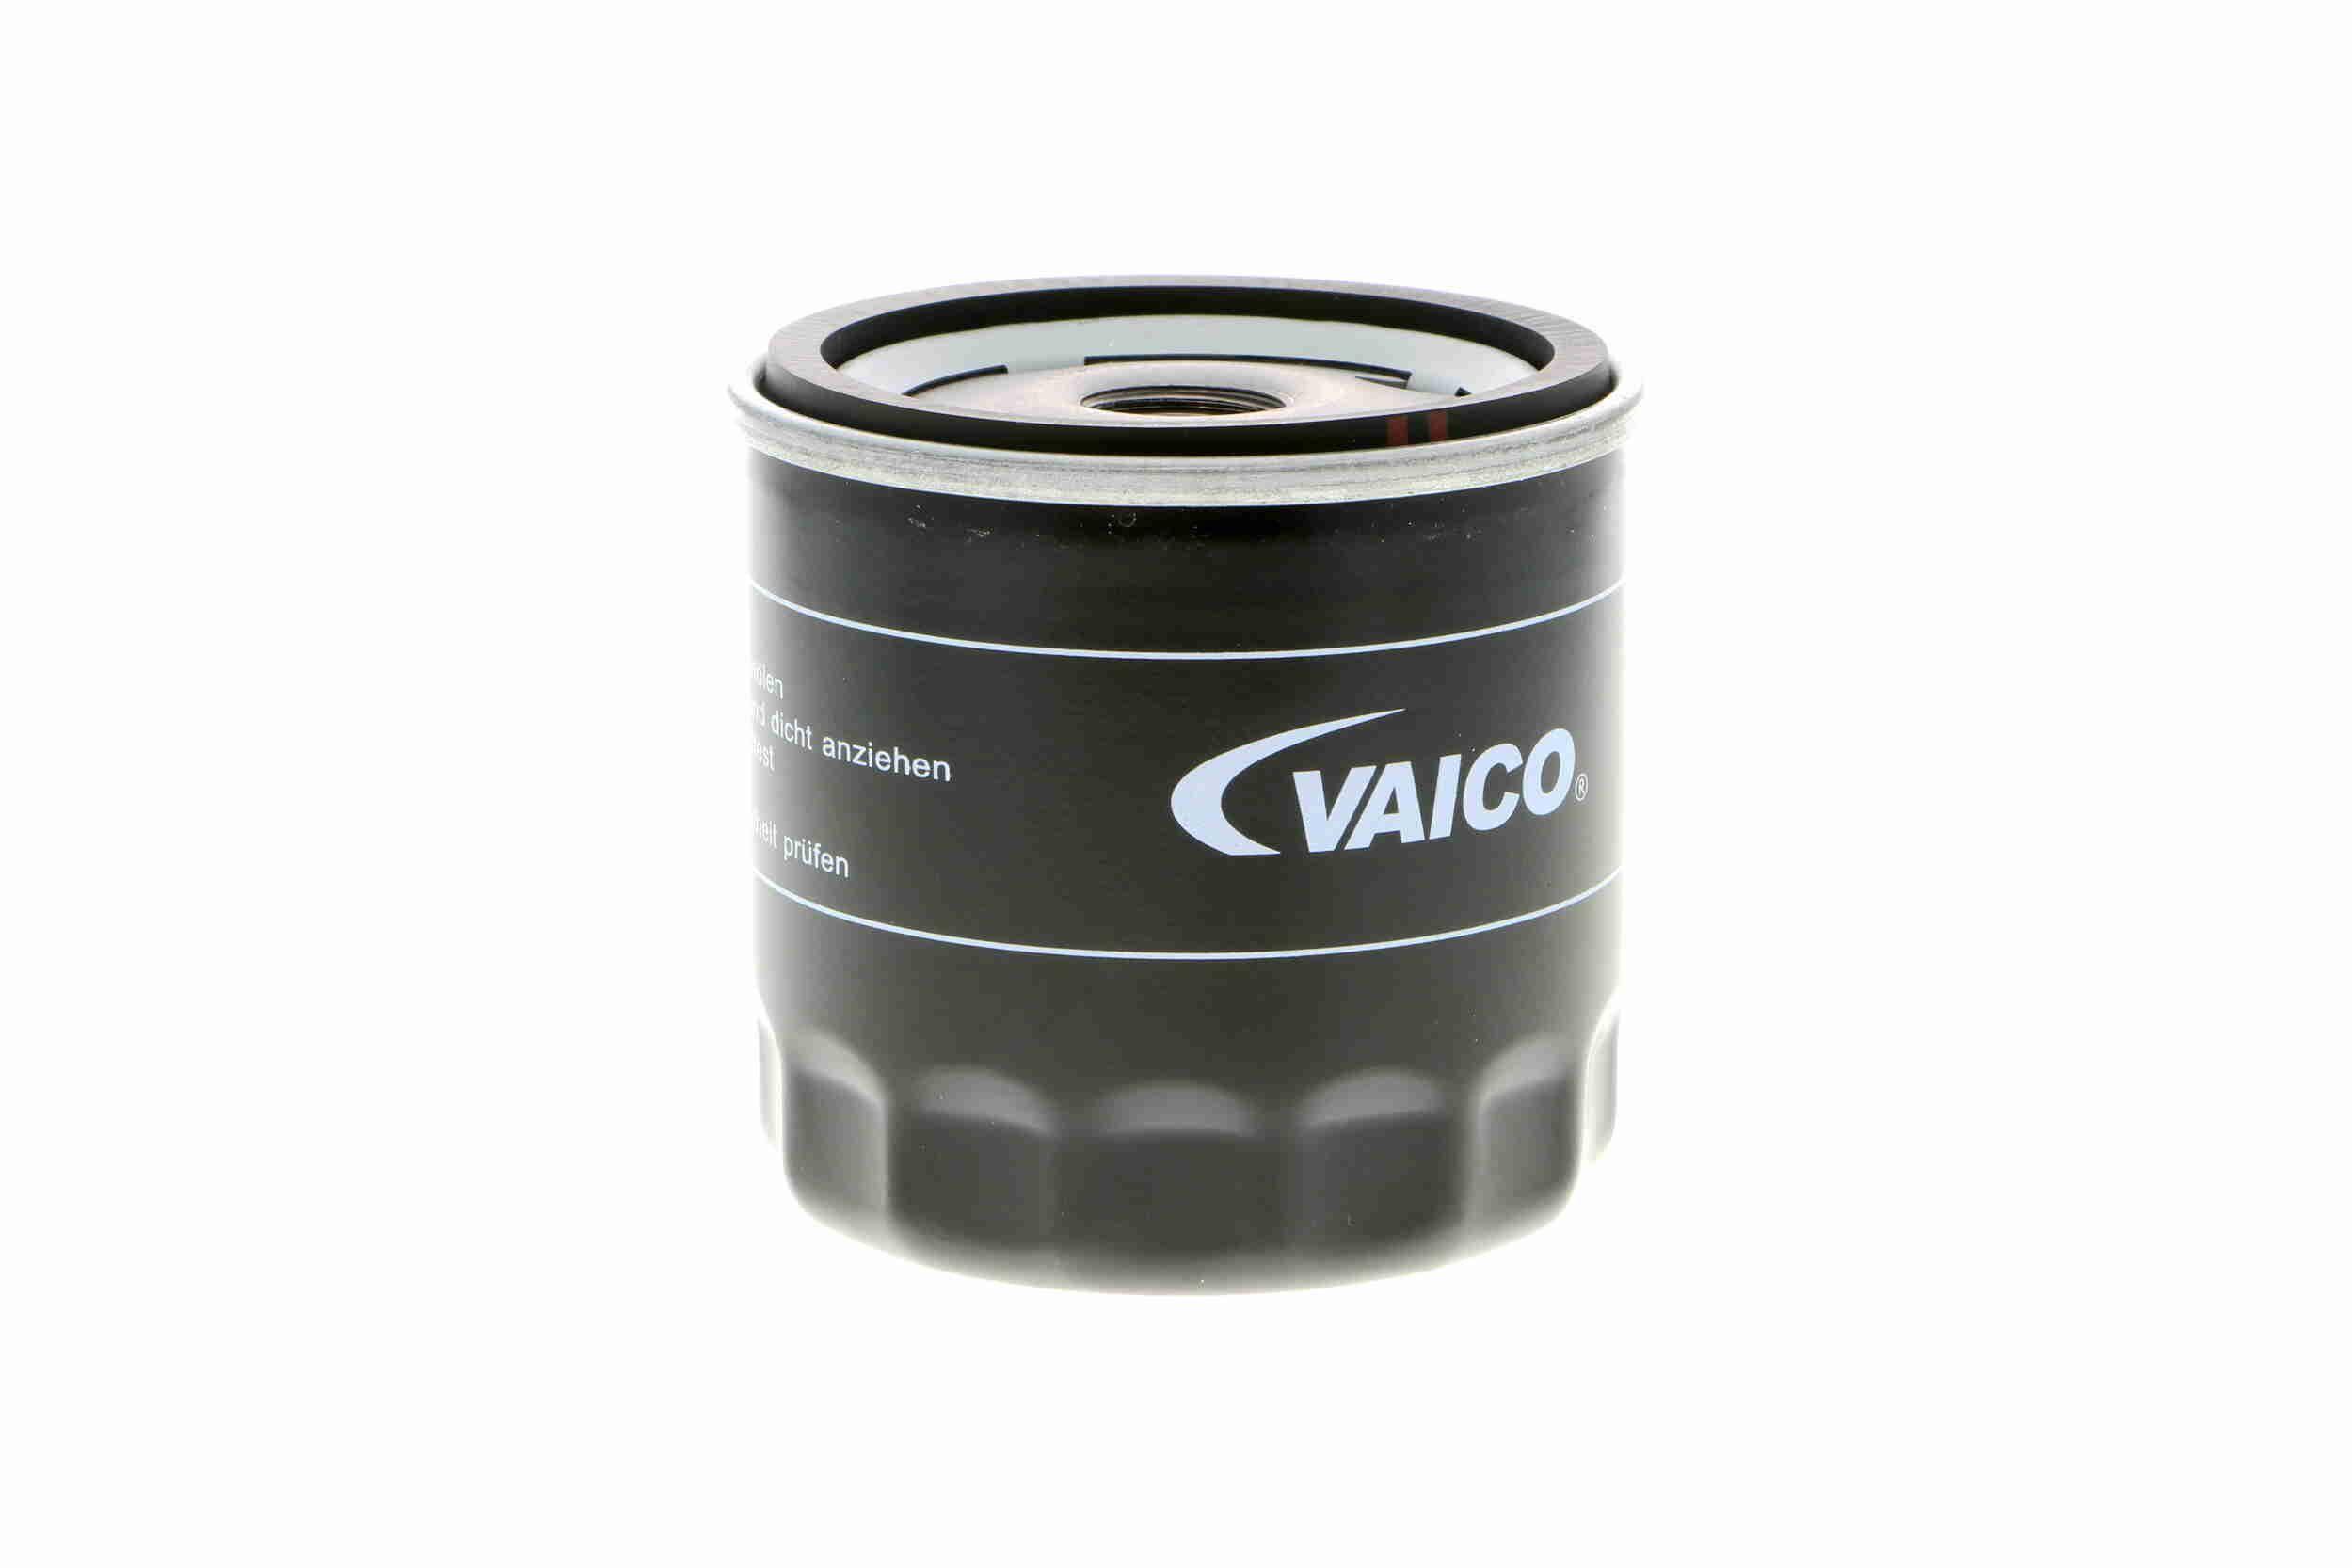 V40-0079 VAICO Anschraubfilter, Original VAICO Qualität Ø: 76mm, Ø: 76mm, Höhe: 79mm Ölfilter V40-0079 günstig kaufen